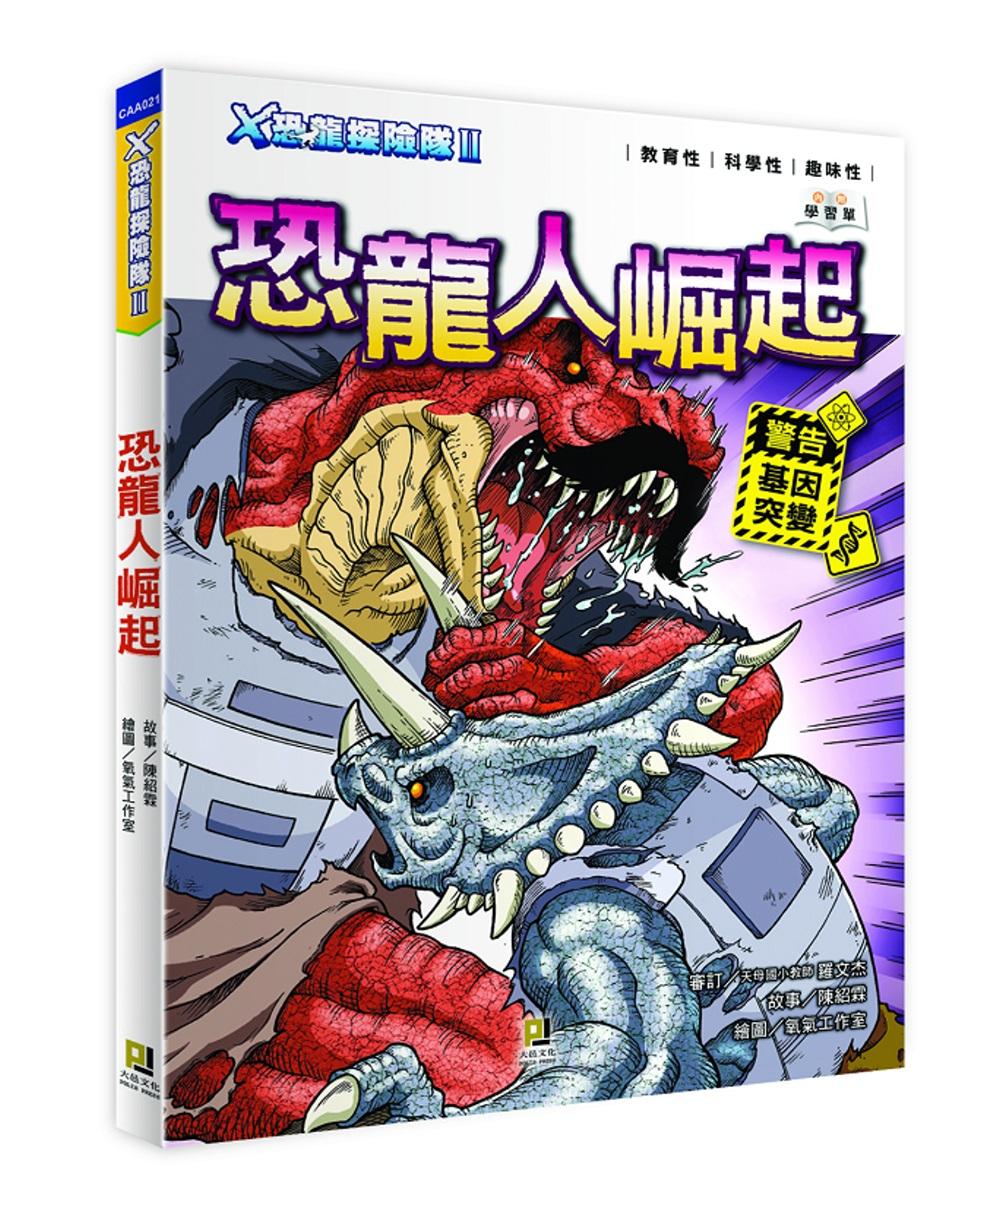 X恐龍探險隊Ⅱ恐龍人崛起